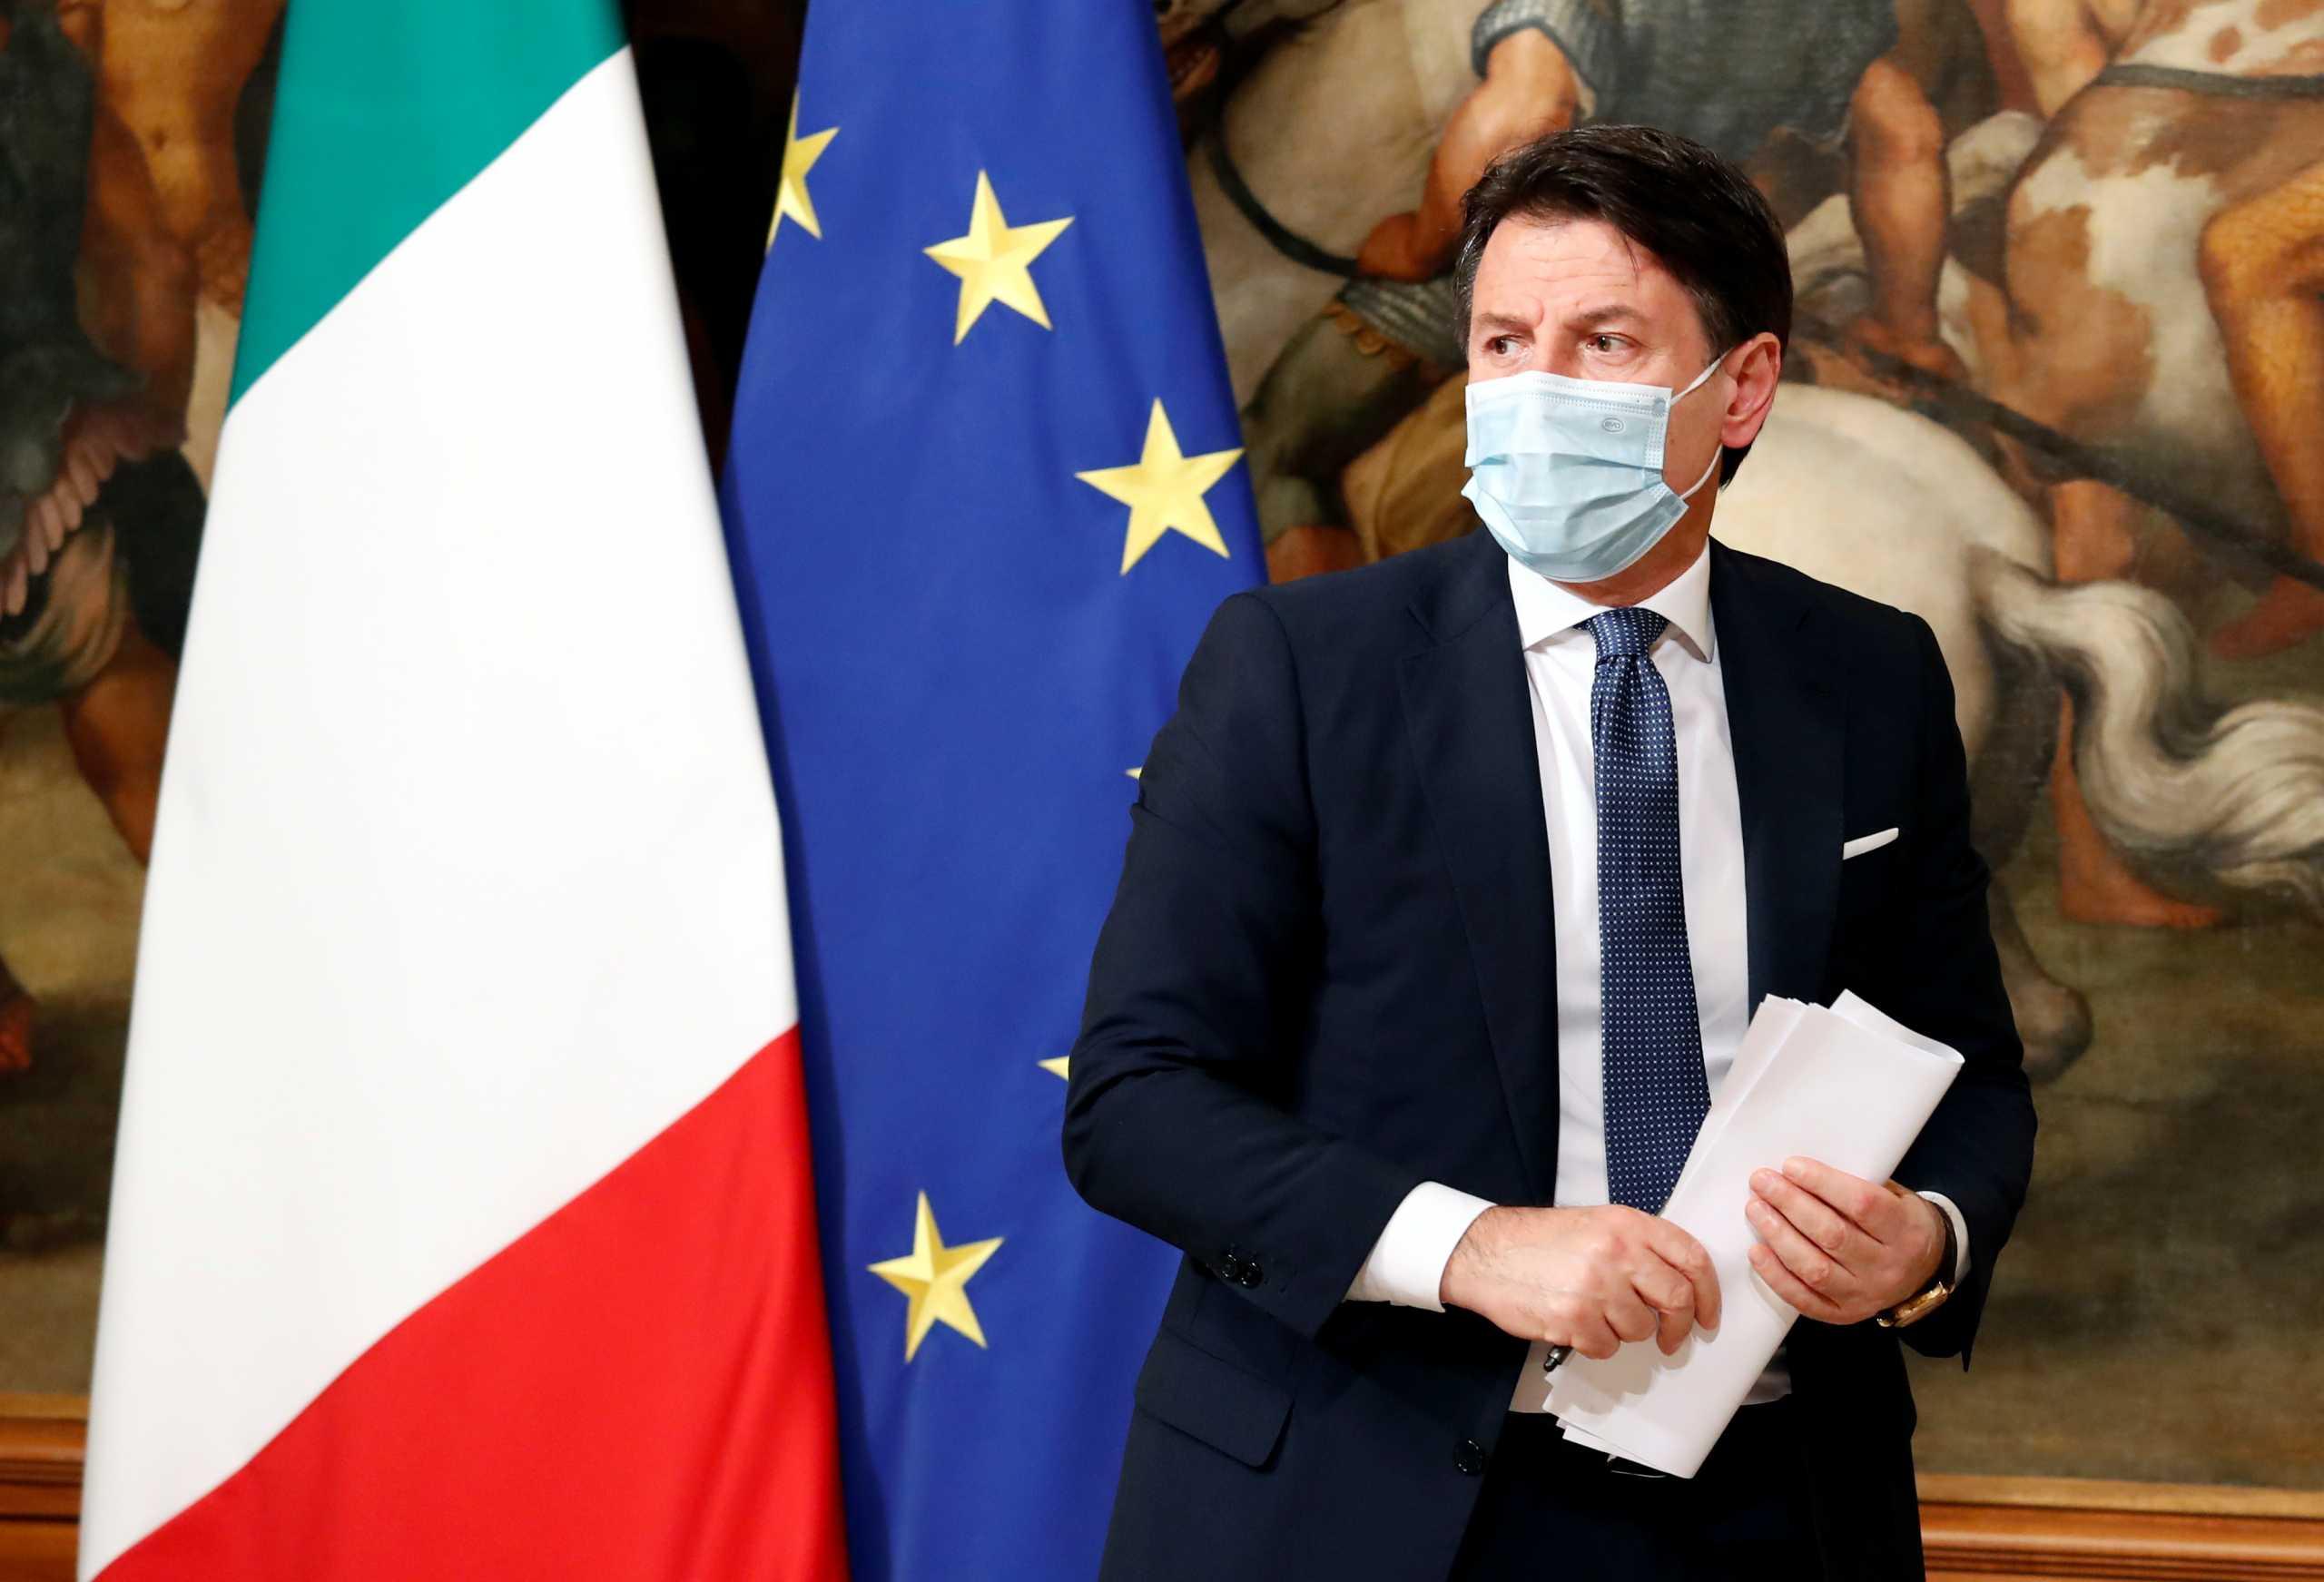 Ιταλός πρωθυπουργός: «Θα είναι διαφορετικά Χριστούγεννα, αλλά όχι λιγότερο αυθεντικά»